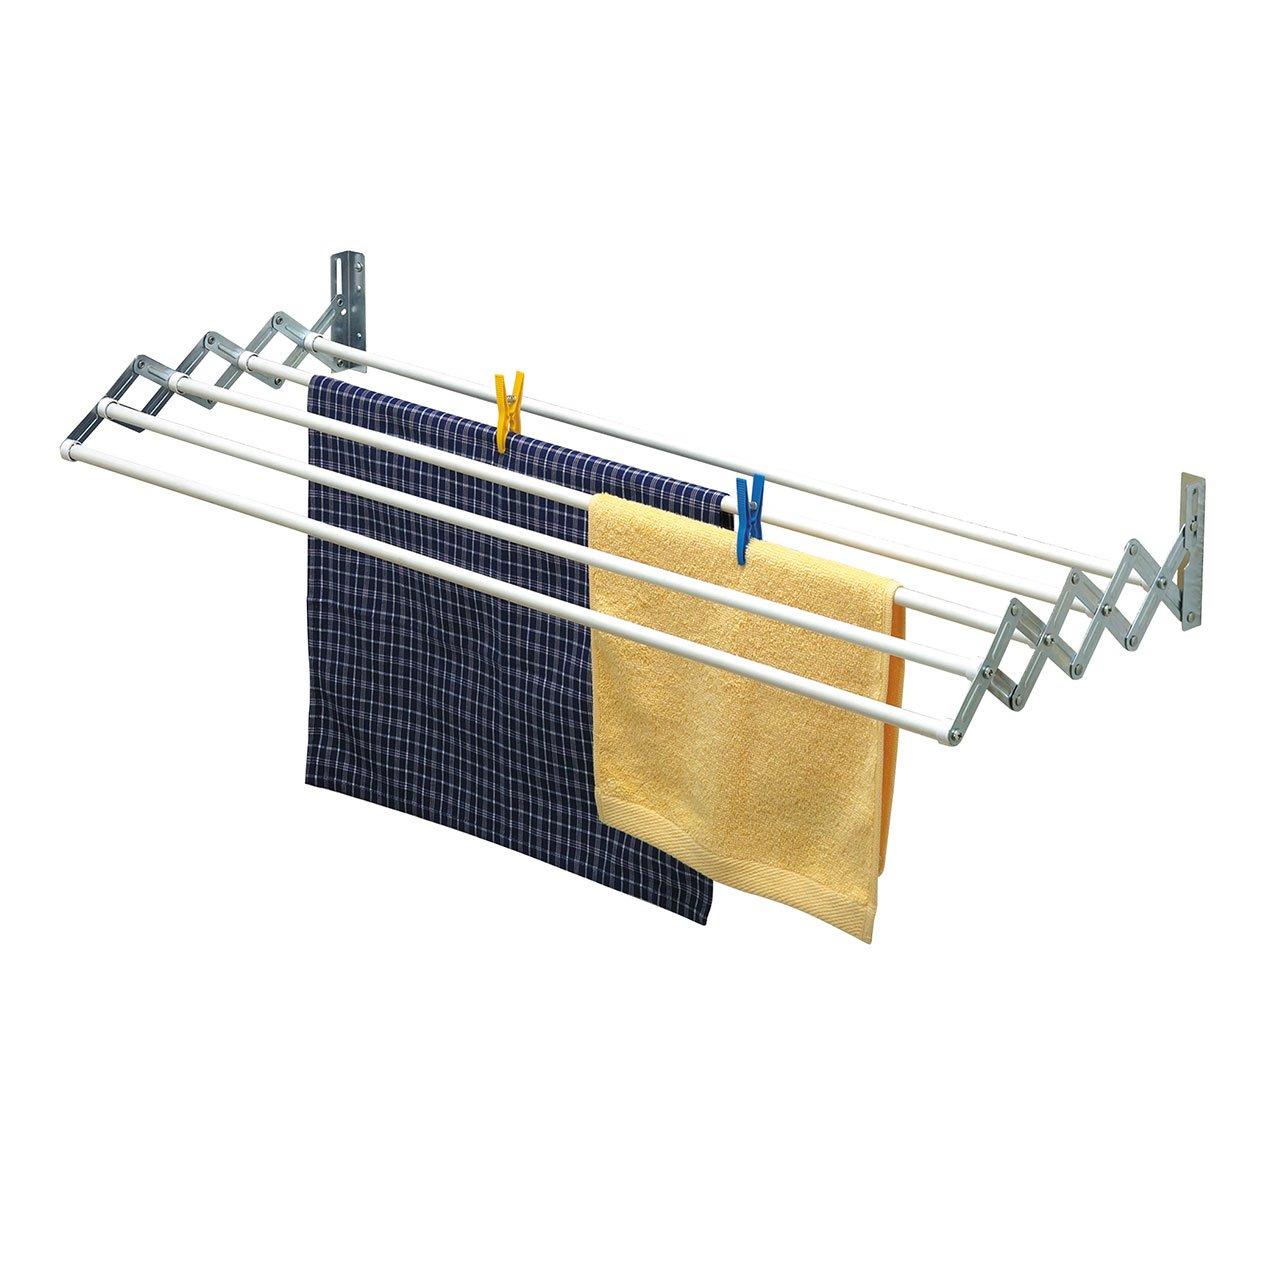 Tendedero de Pared con 3 Cuerdas Rayen 0023 Color Blanco